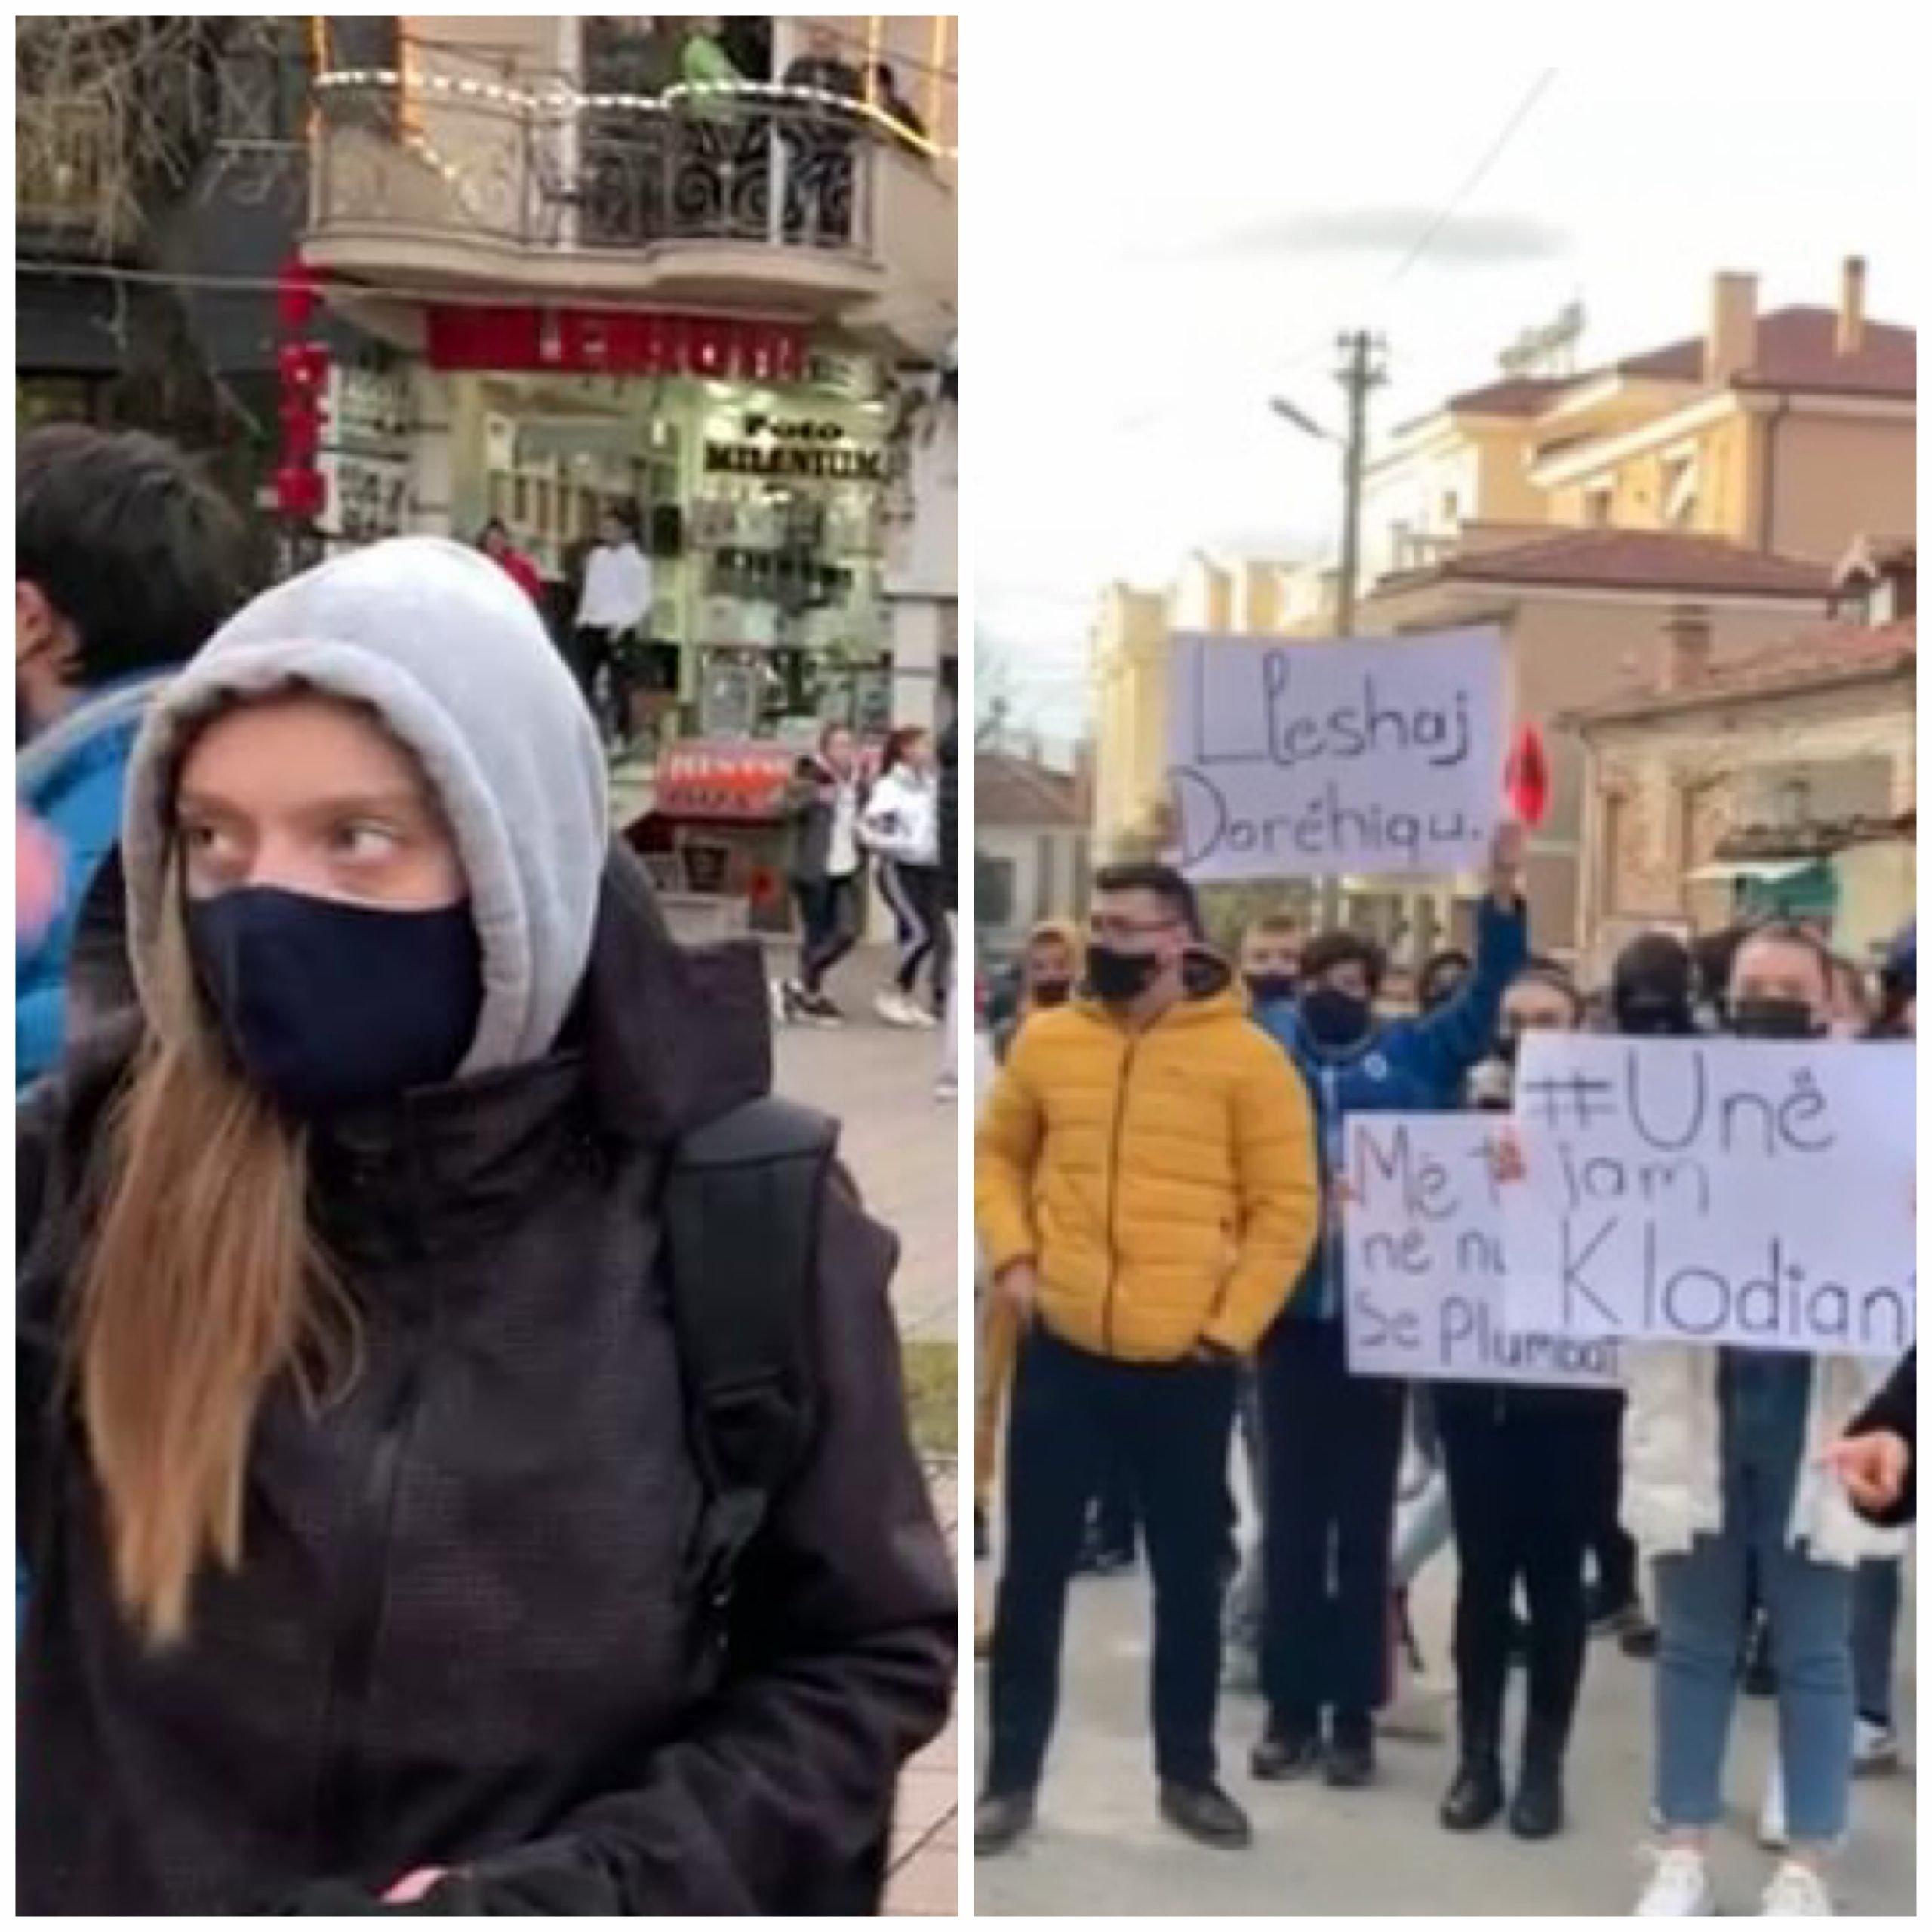 Policia, gjoba disamilionëshe ndaj protestuesve